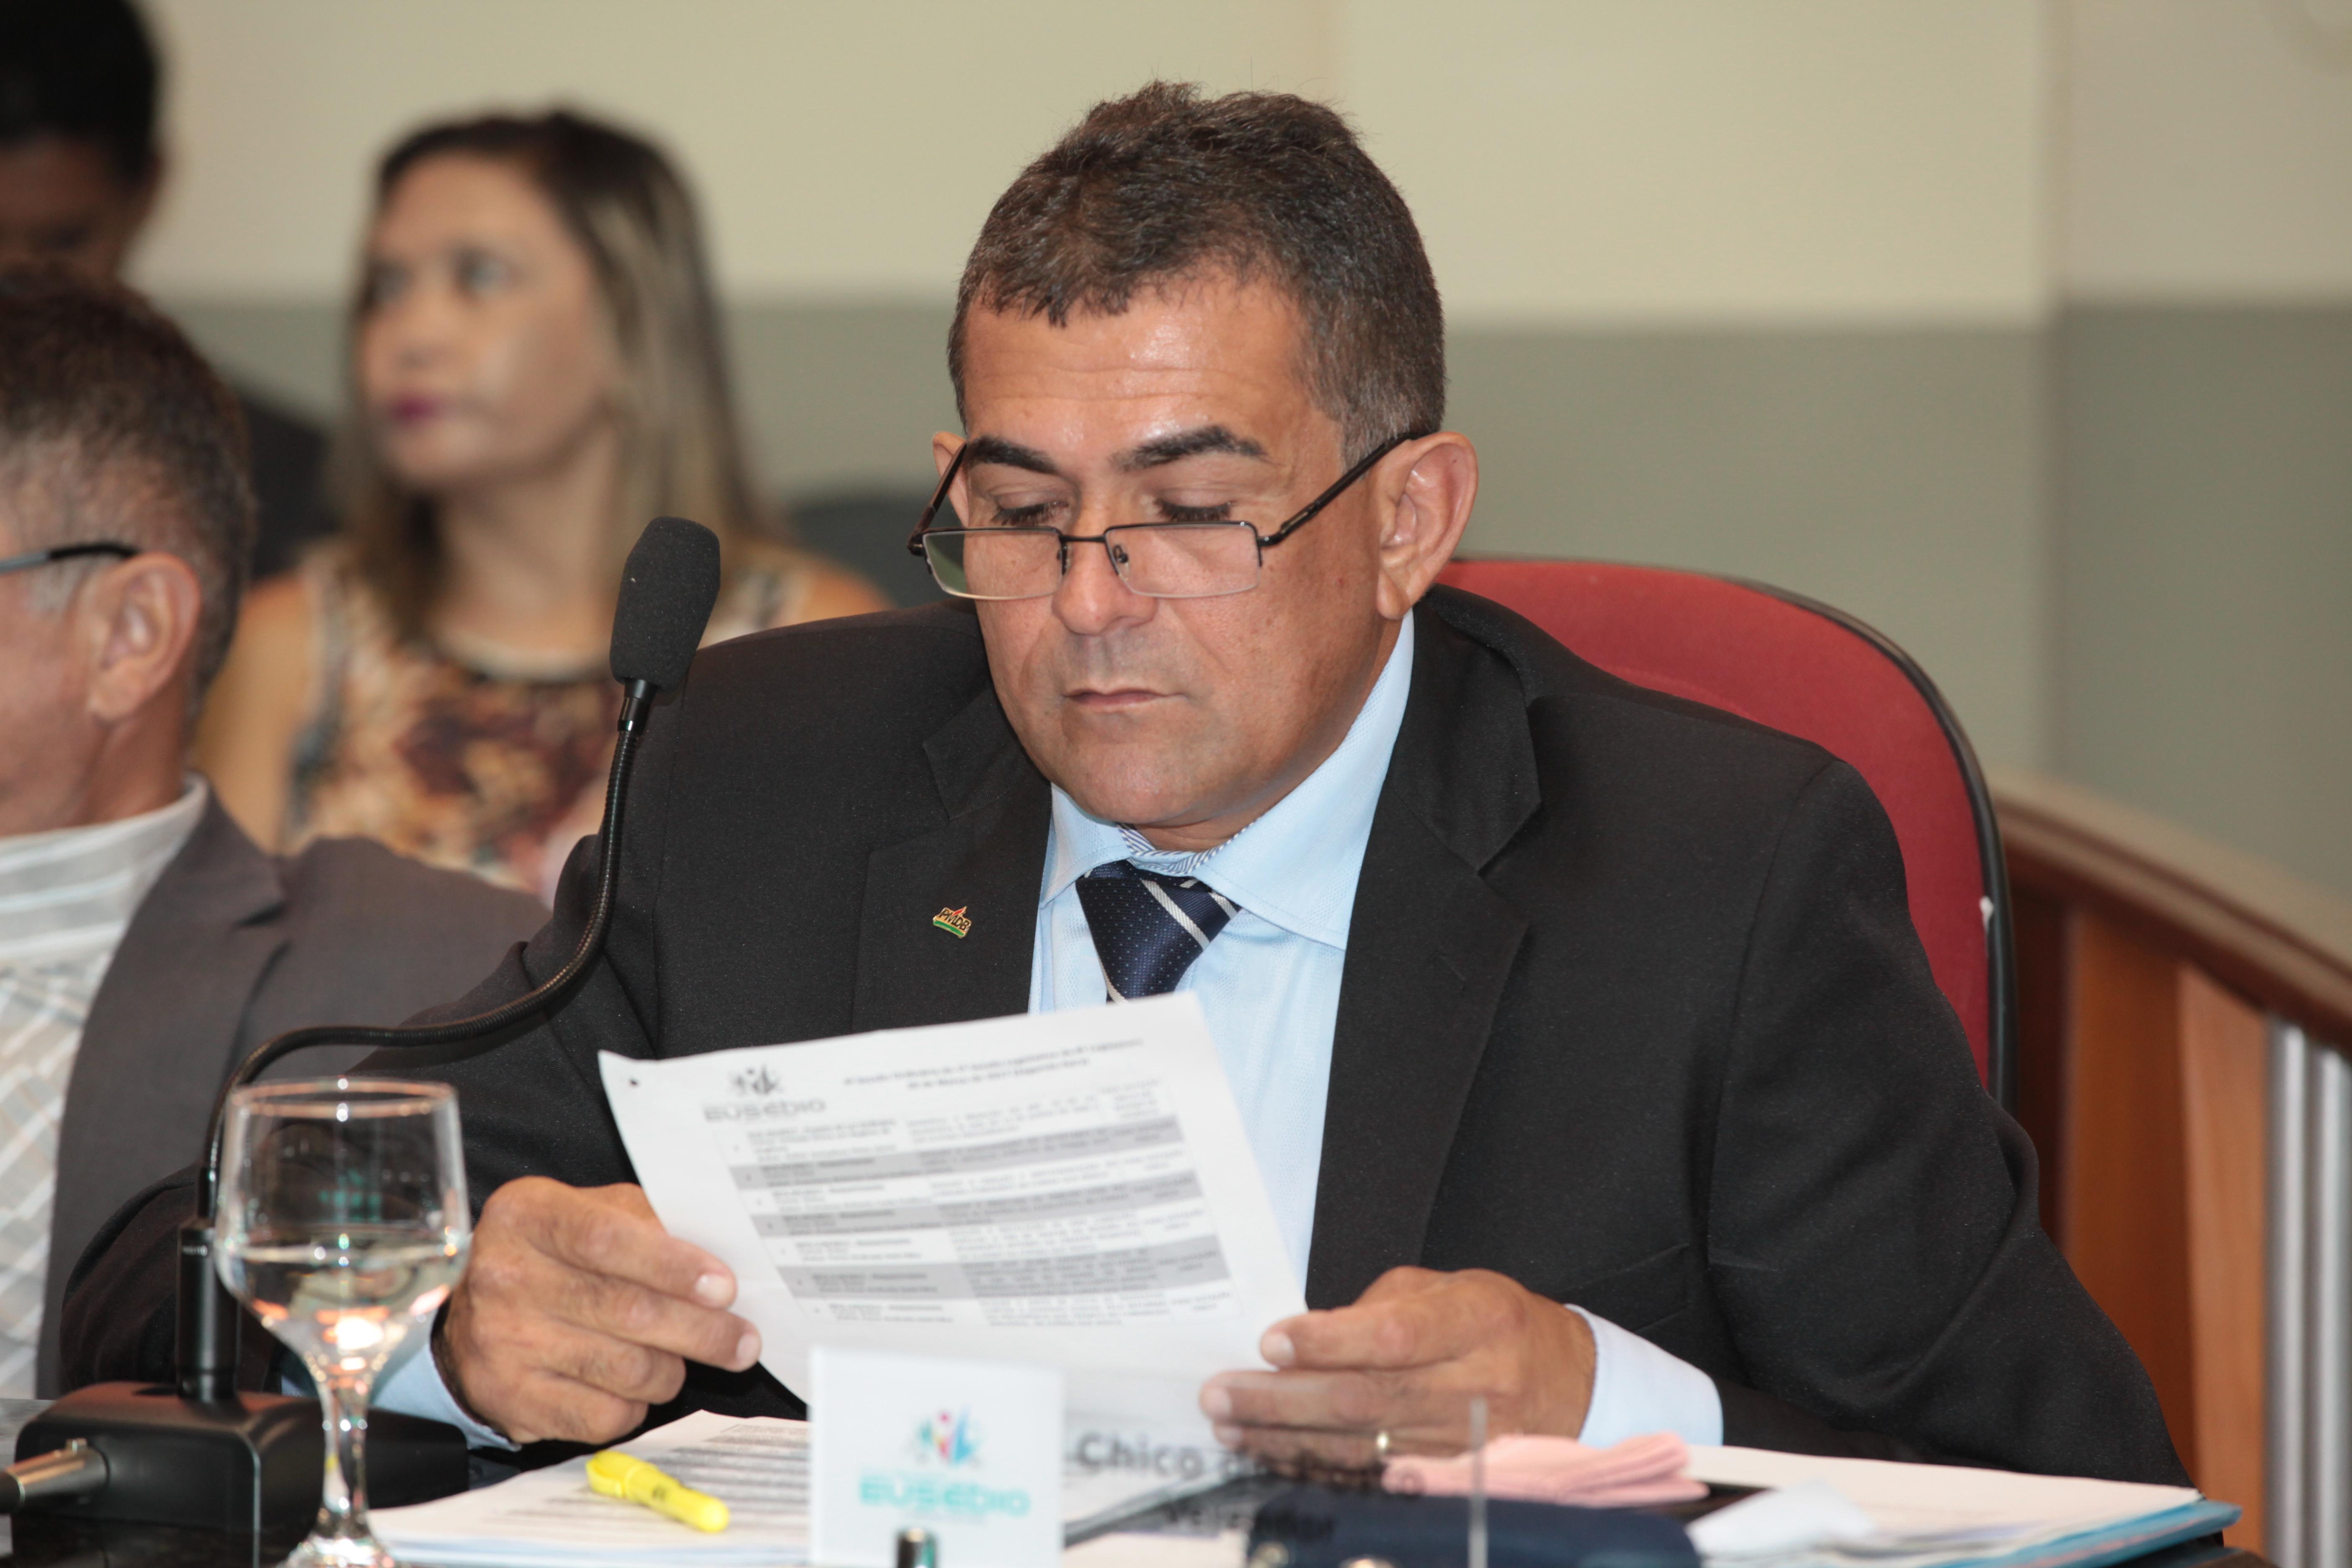 Vereador Chico do Posto solicita melhorias para os bairros Santo Antônio e Jabuti